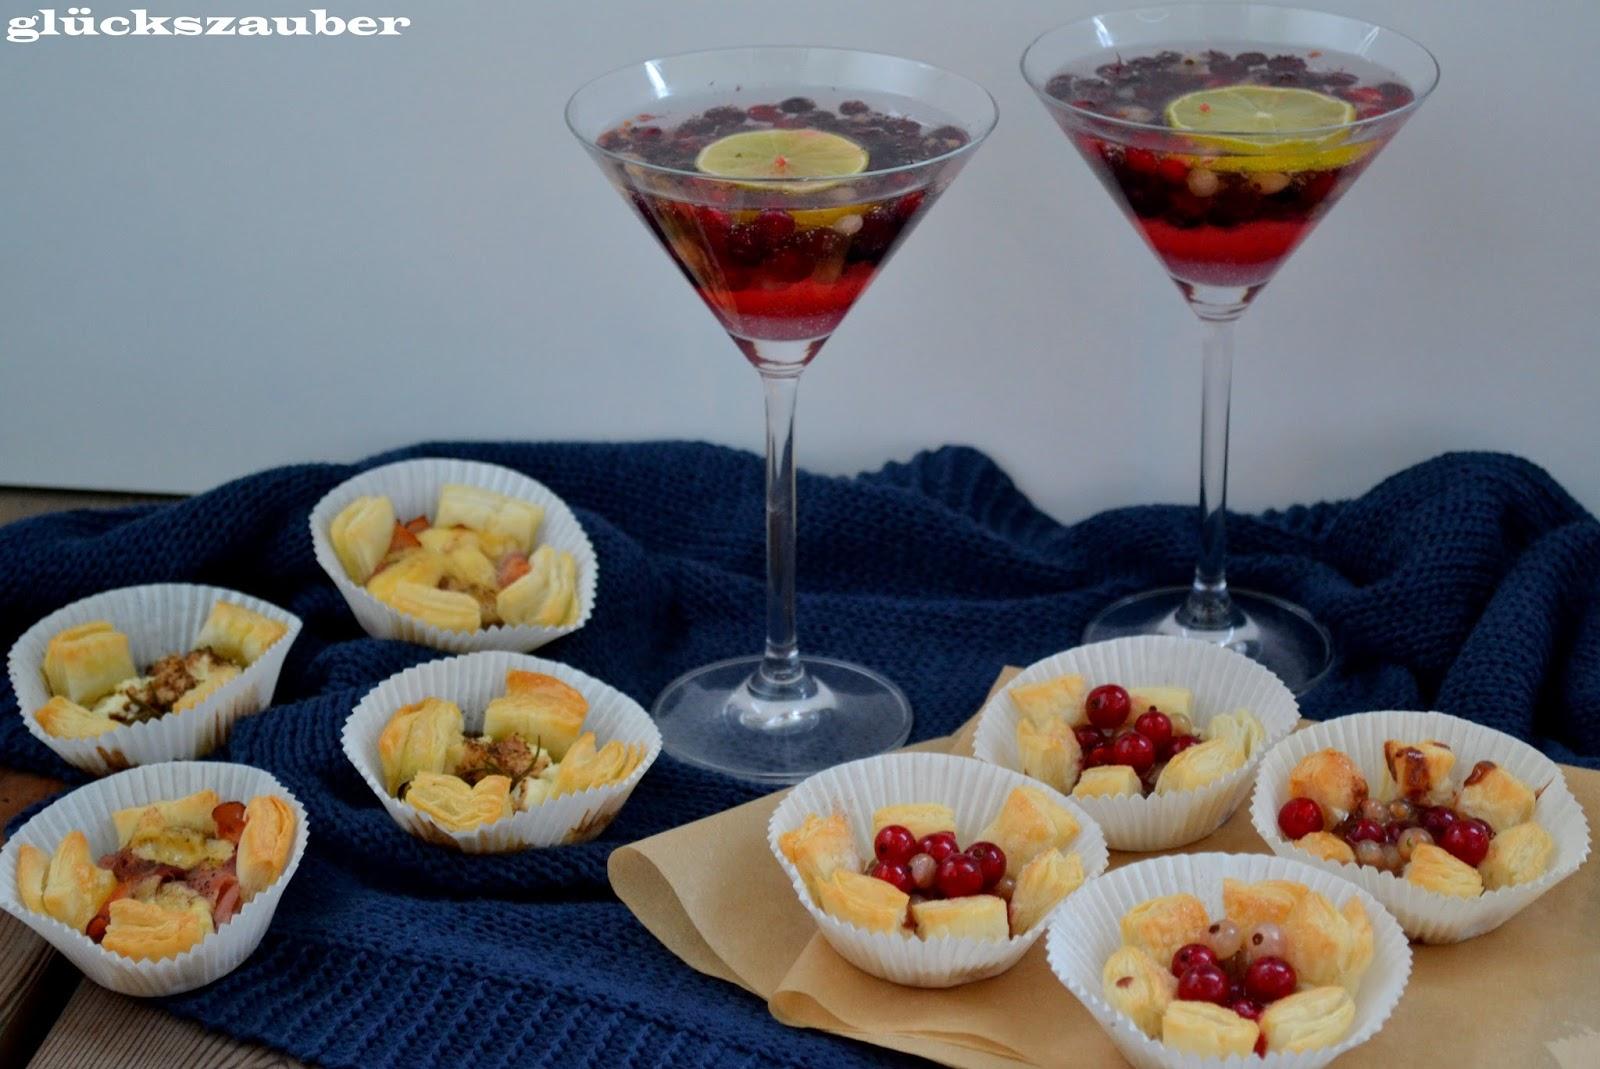 gl ckszauber sommerlicher snack abend mit ziegenfrischk se tartelettes k se schinken. Black Bedroom Furniture Sets. Home Design Ideas